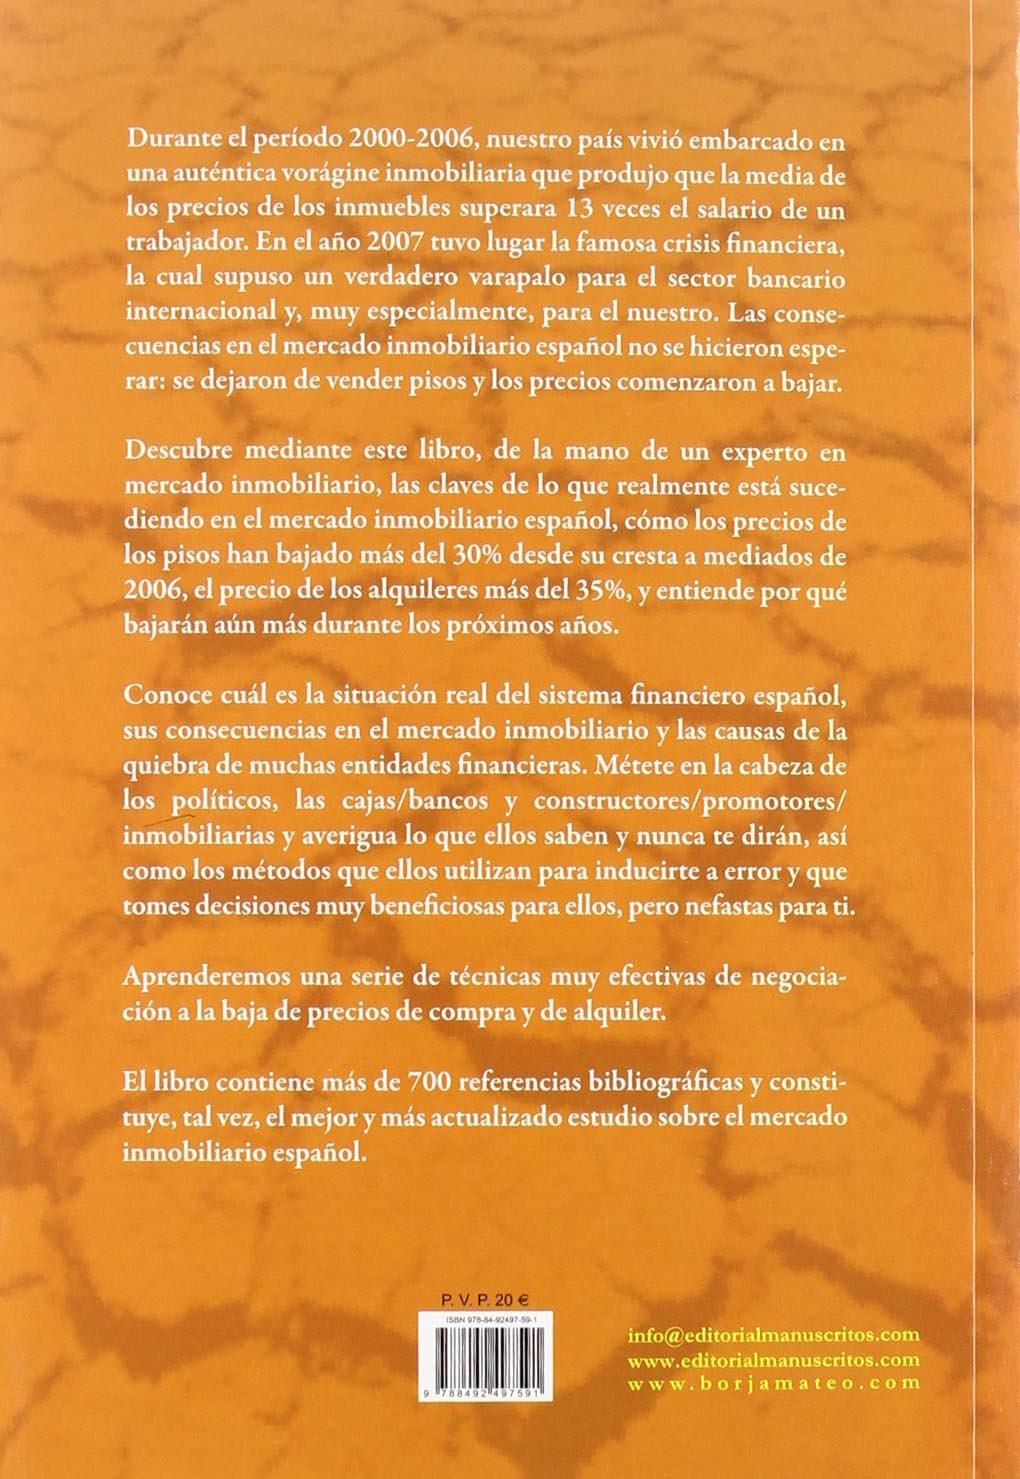 La verdad sobre el mercado inmobiliario español : claves para comprar y alquilar barato, 2010-2015: Borja Mateo Villa: 9788492497591: Amazon.com: Books